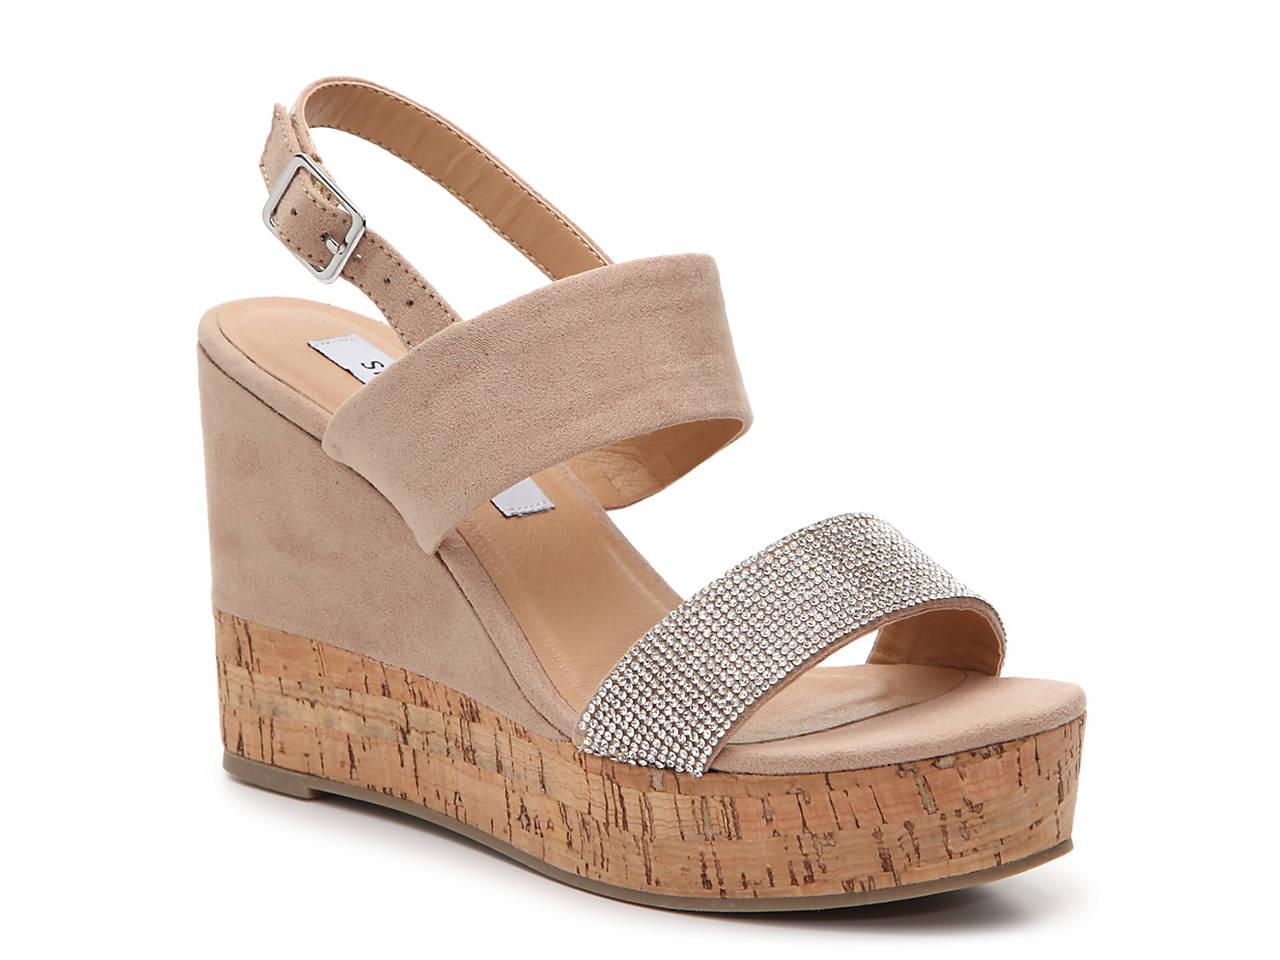 62effb5fc96 Haydee Wedge Sandal